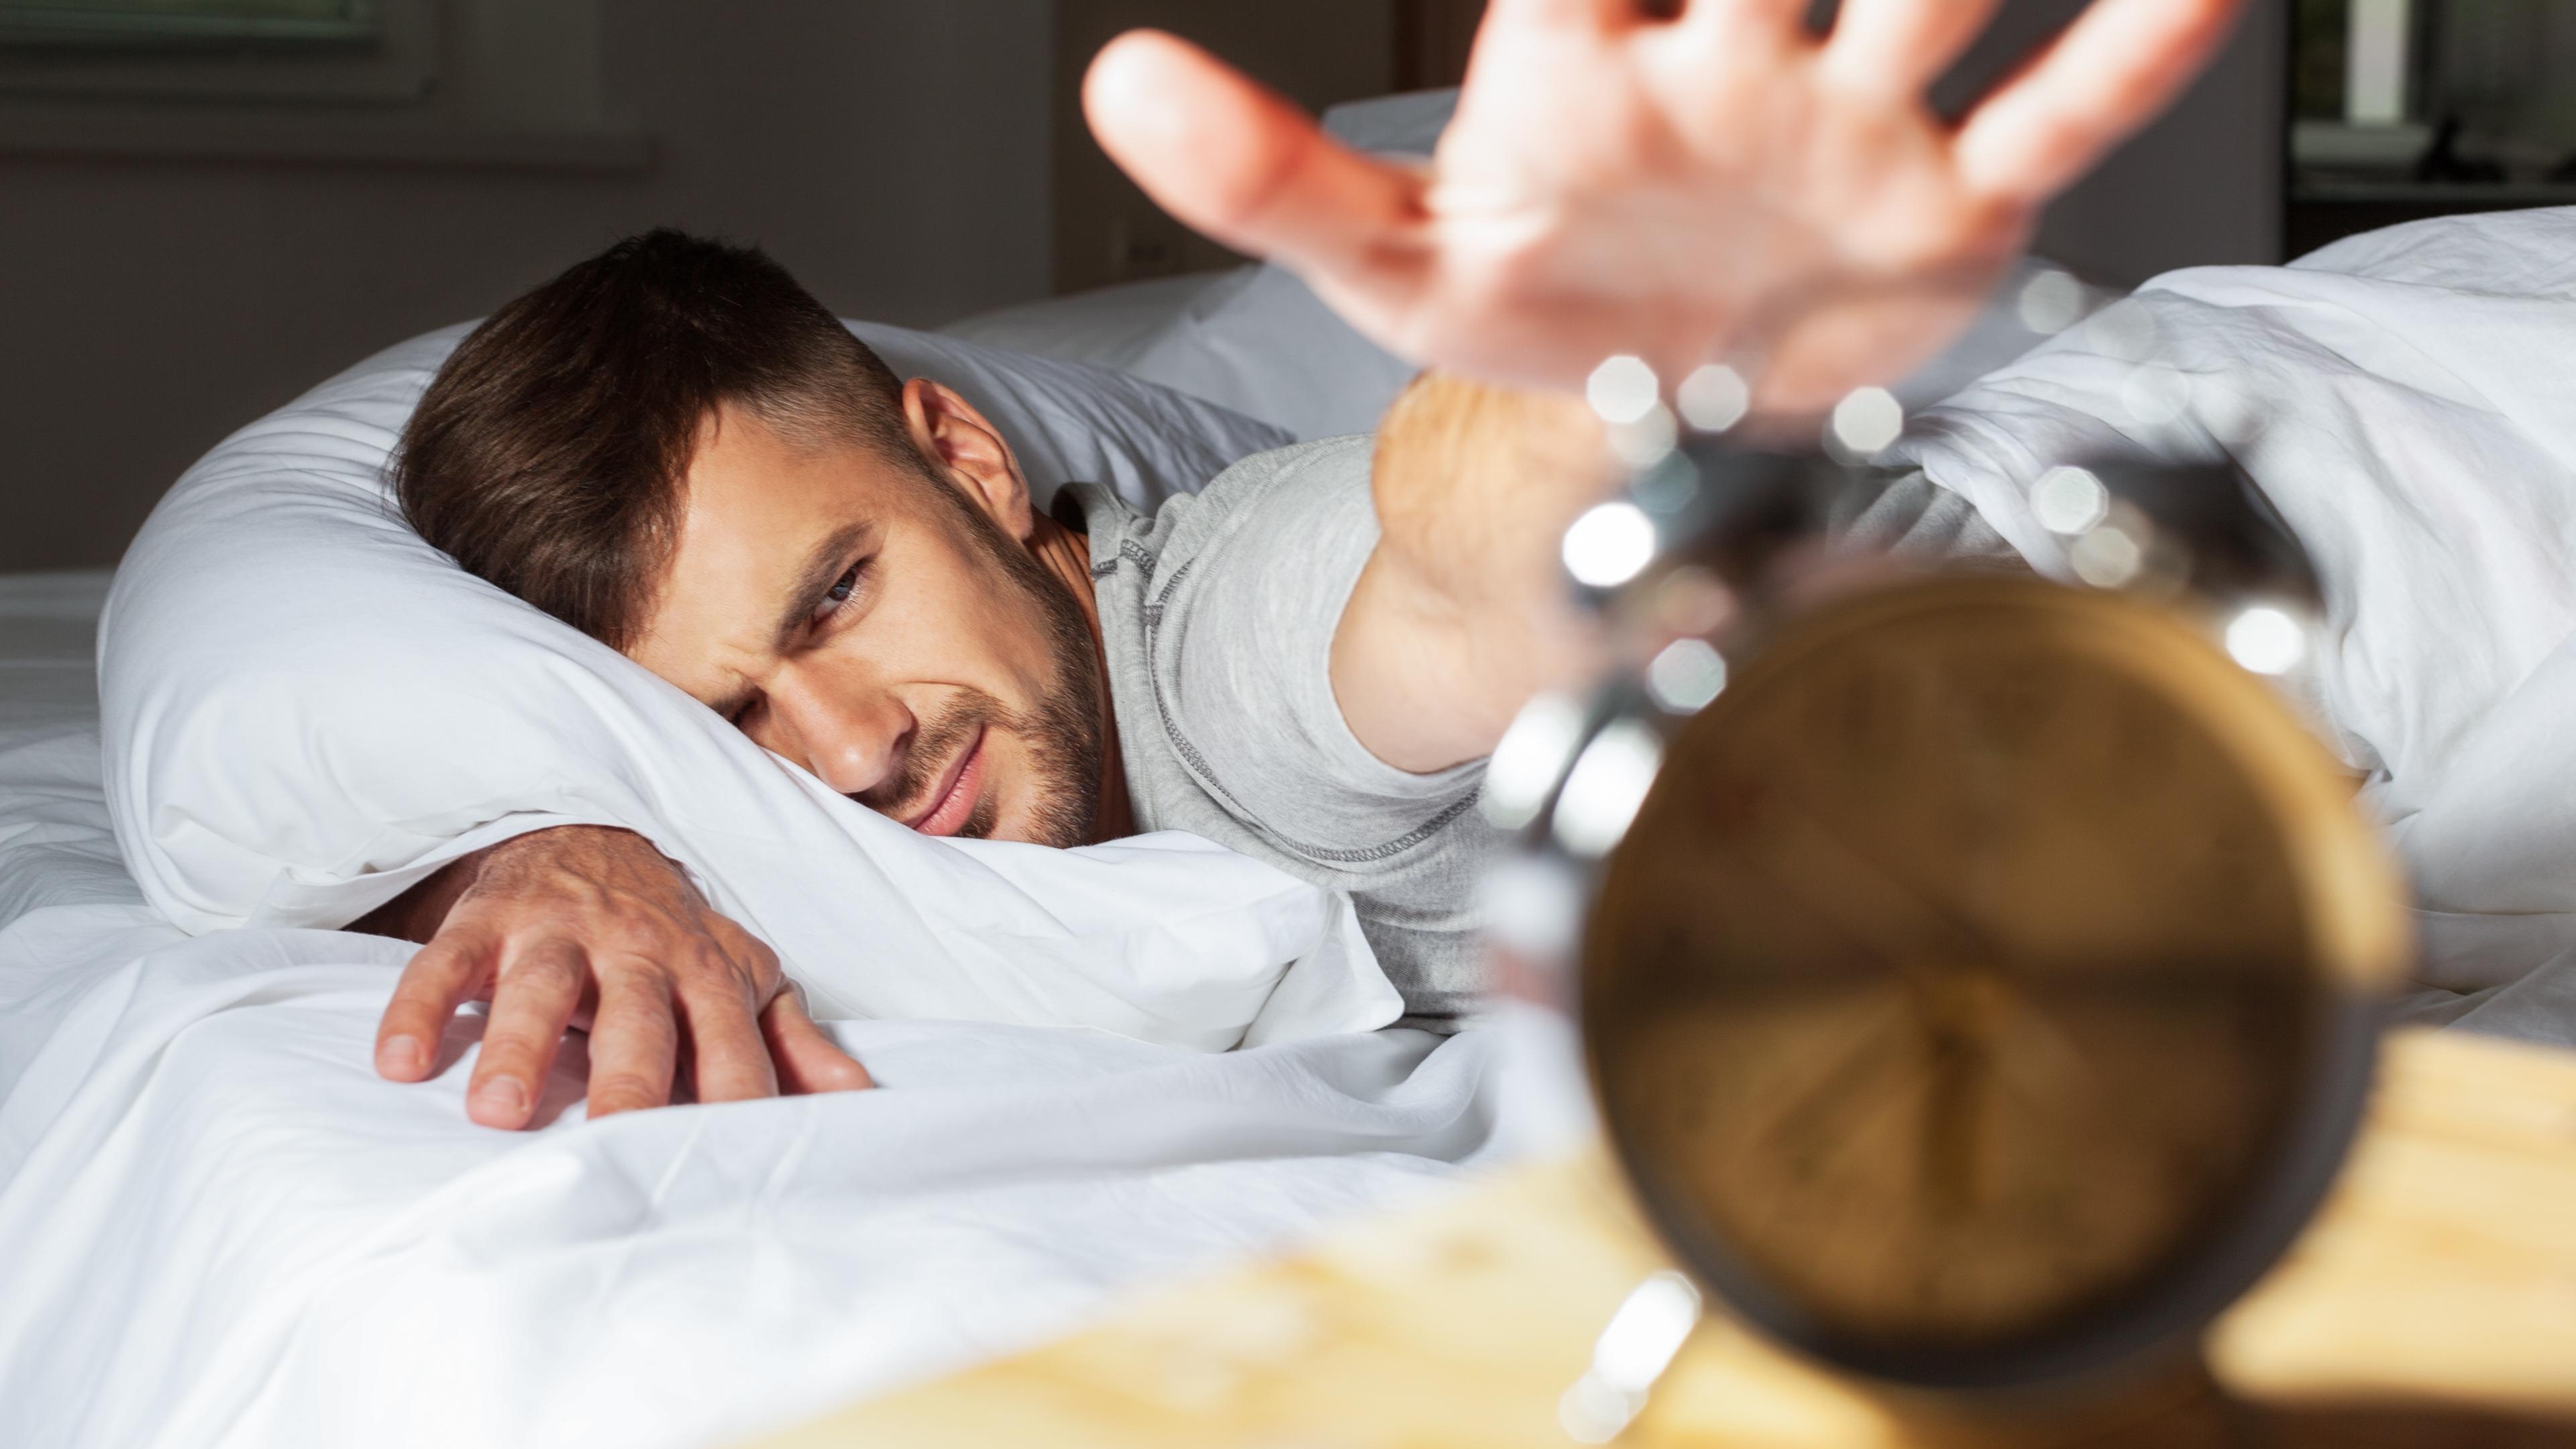 Обострение суицидального поведения больных шизофренией связали с бессонницей